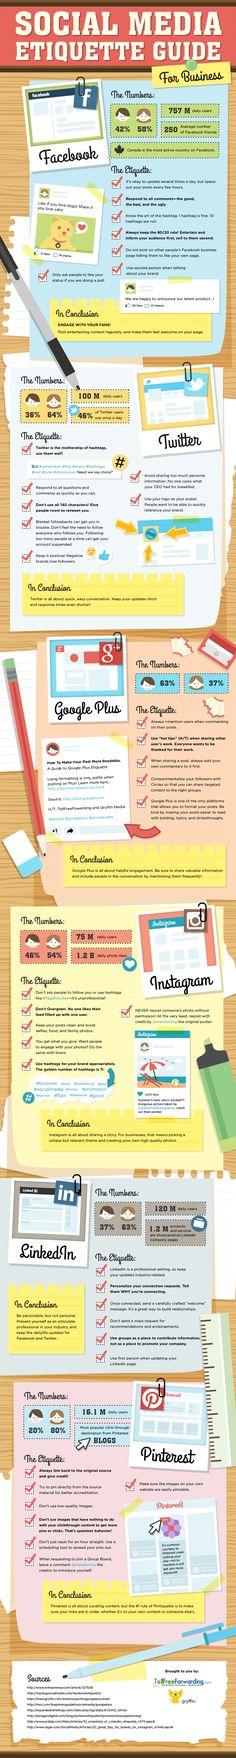 GooglePlus, Twitter, Instagram, Facebook, Pinterest �013 Social Media Etiquette Guide For Business �013 #infographic